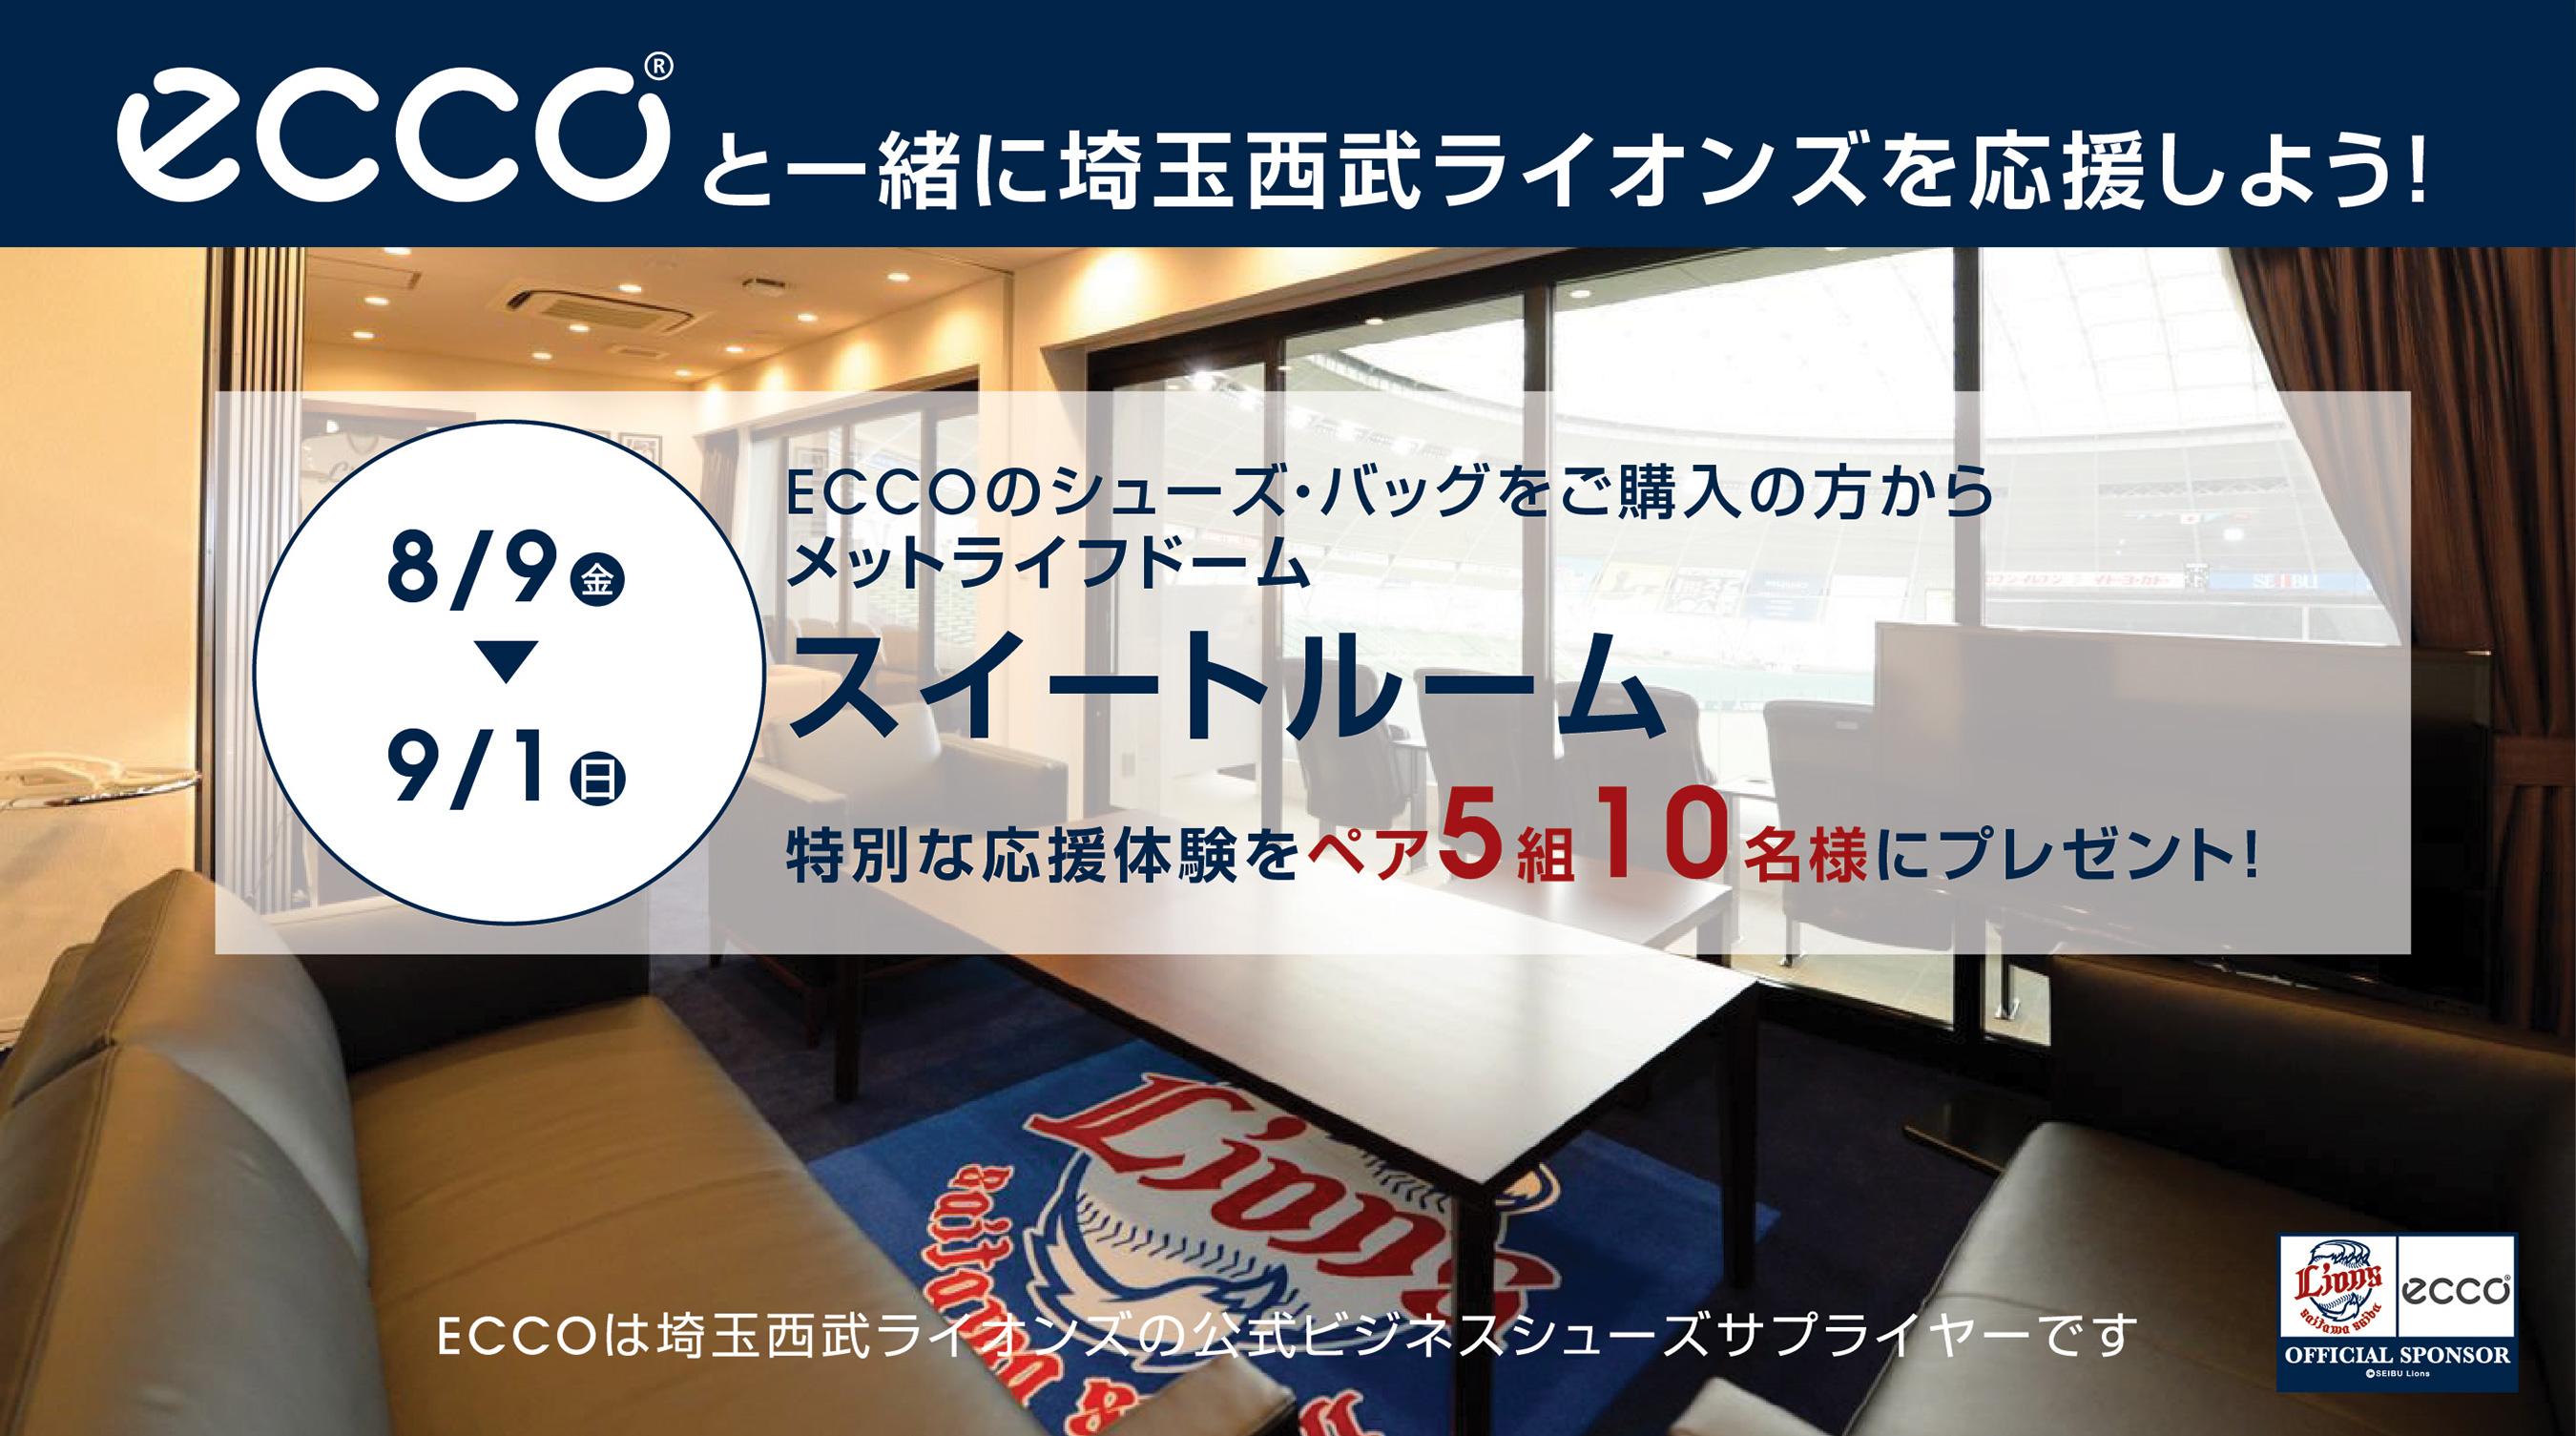 エコーと一緒に埼玉西武ライオンズを応援しよう!